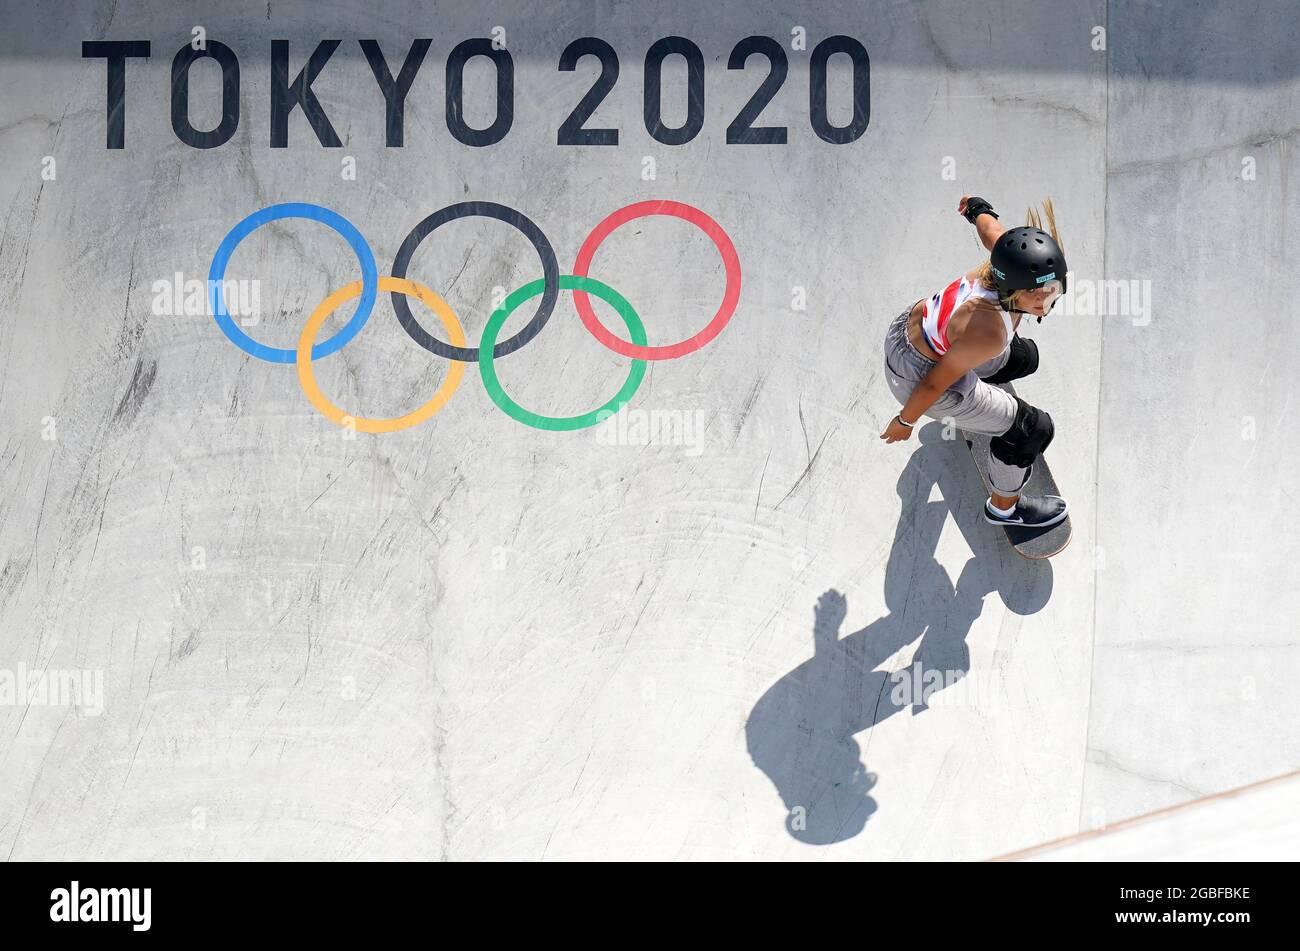 Der britische Sky Brown während des Women's Park führt am zwölften Tag der Olympischen Spiele in Tokio 2020 in Japan die Hitze im Ariake Sports Park Skateboarding durch. Bilddatum: Mittwoch, 4. August 2021. Stockfoto